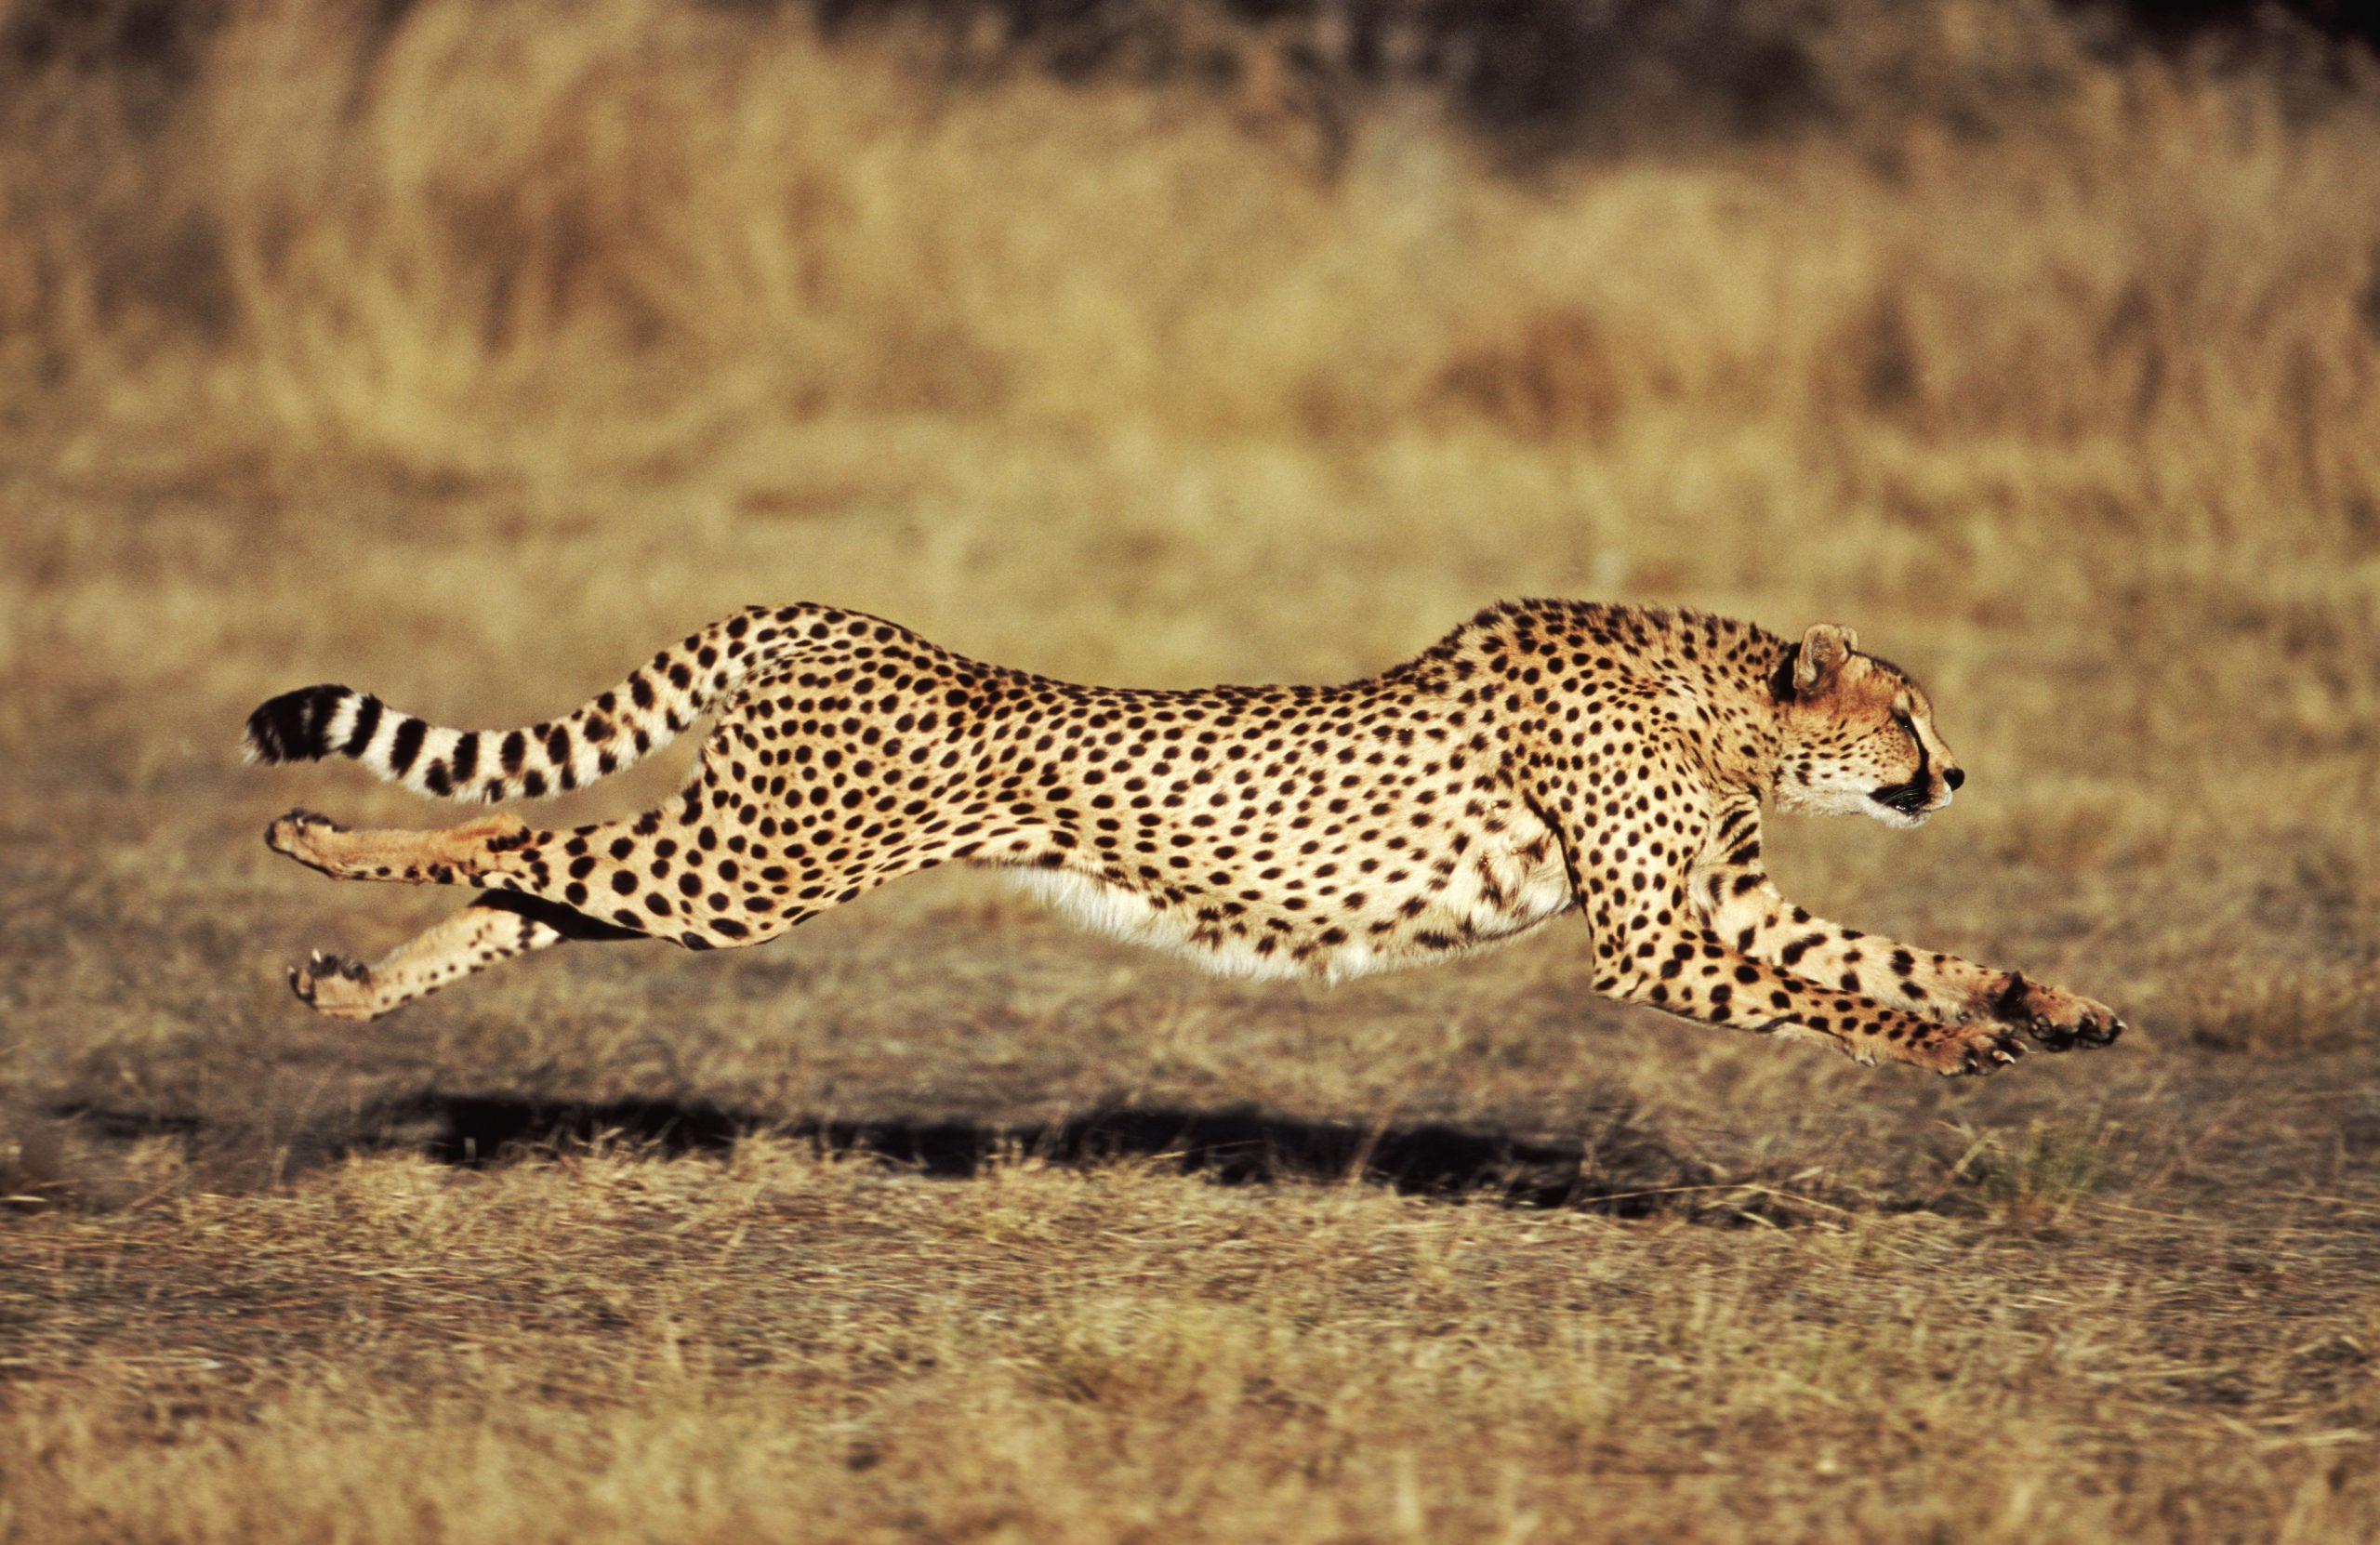 Wie Schnell Kann Ein Cheetah Run? verwandt mit Was Ist Das Schnellste Tier Der Welt